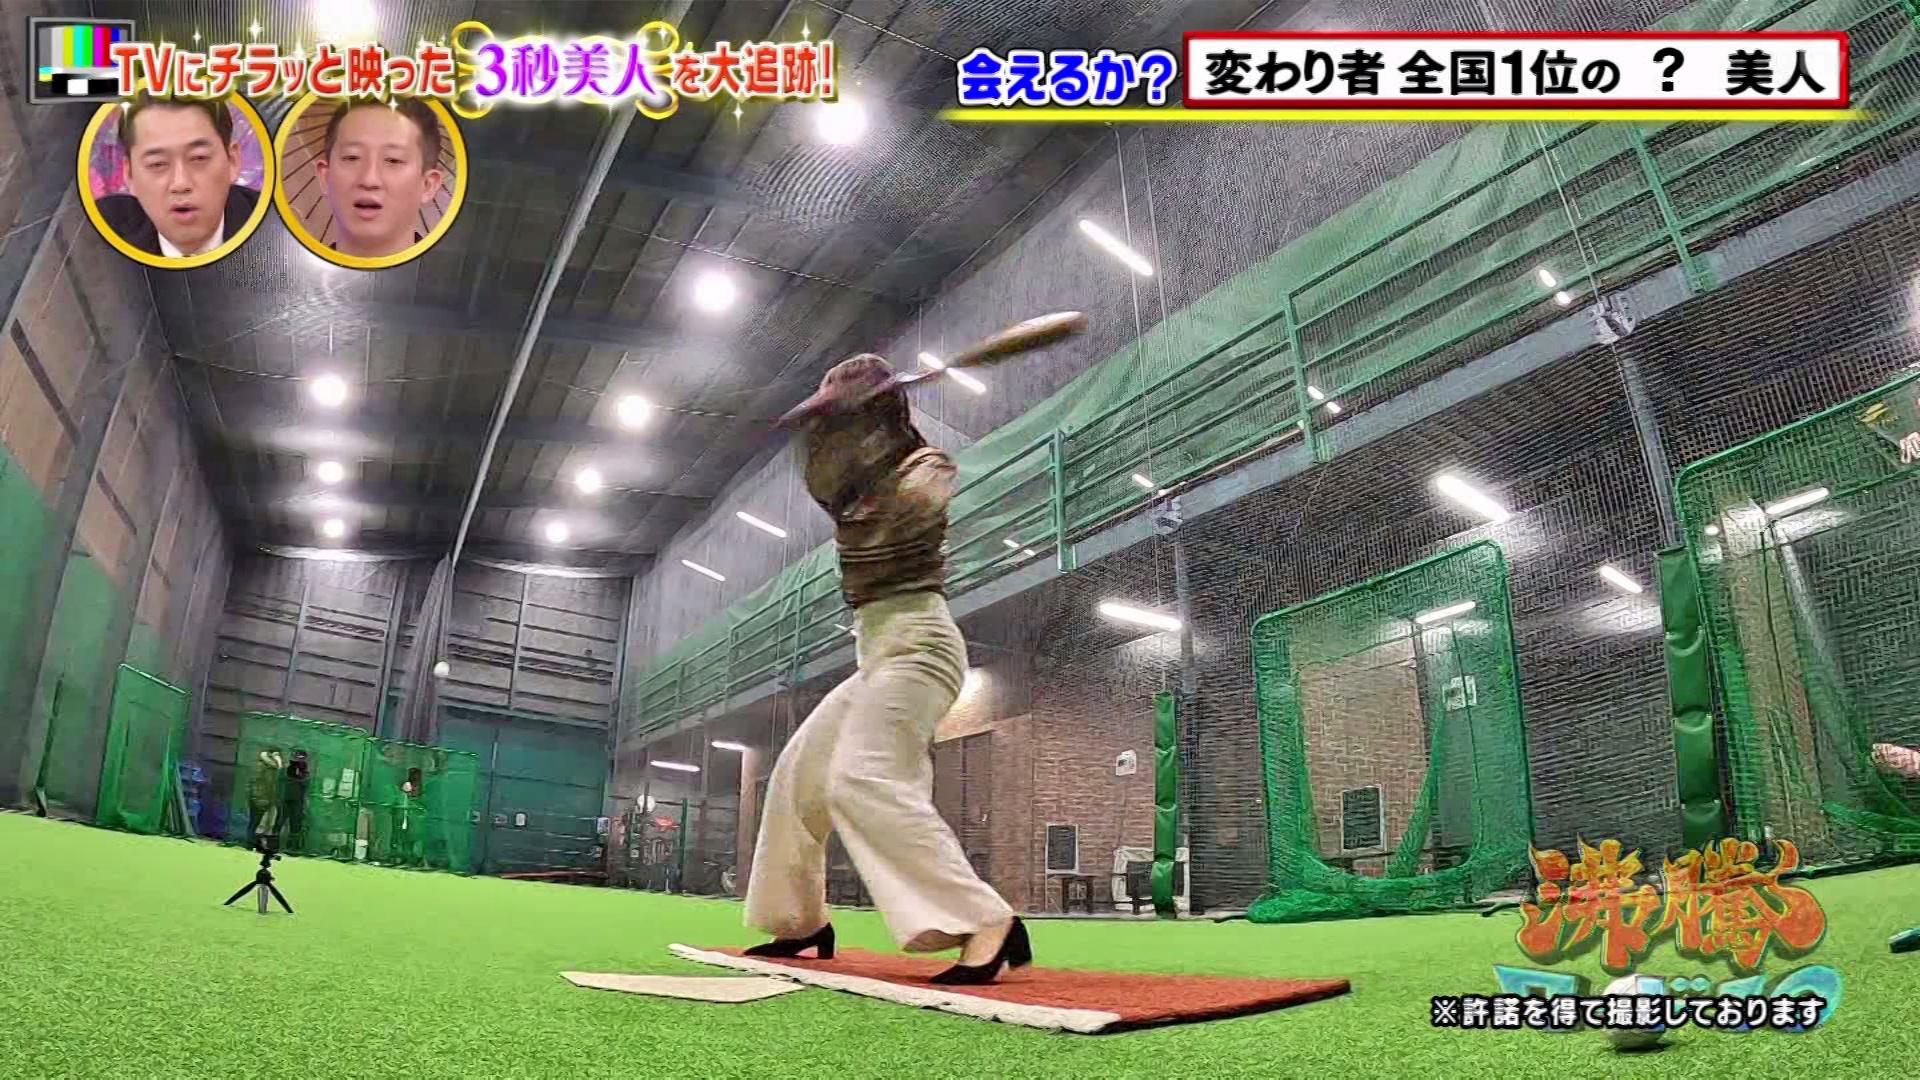 2020年1月24日に放送された「沸騰ワード10」に出演した笹川萌さんのテレビキャプチャー画像-017